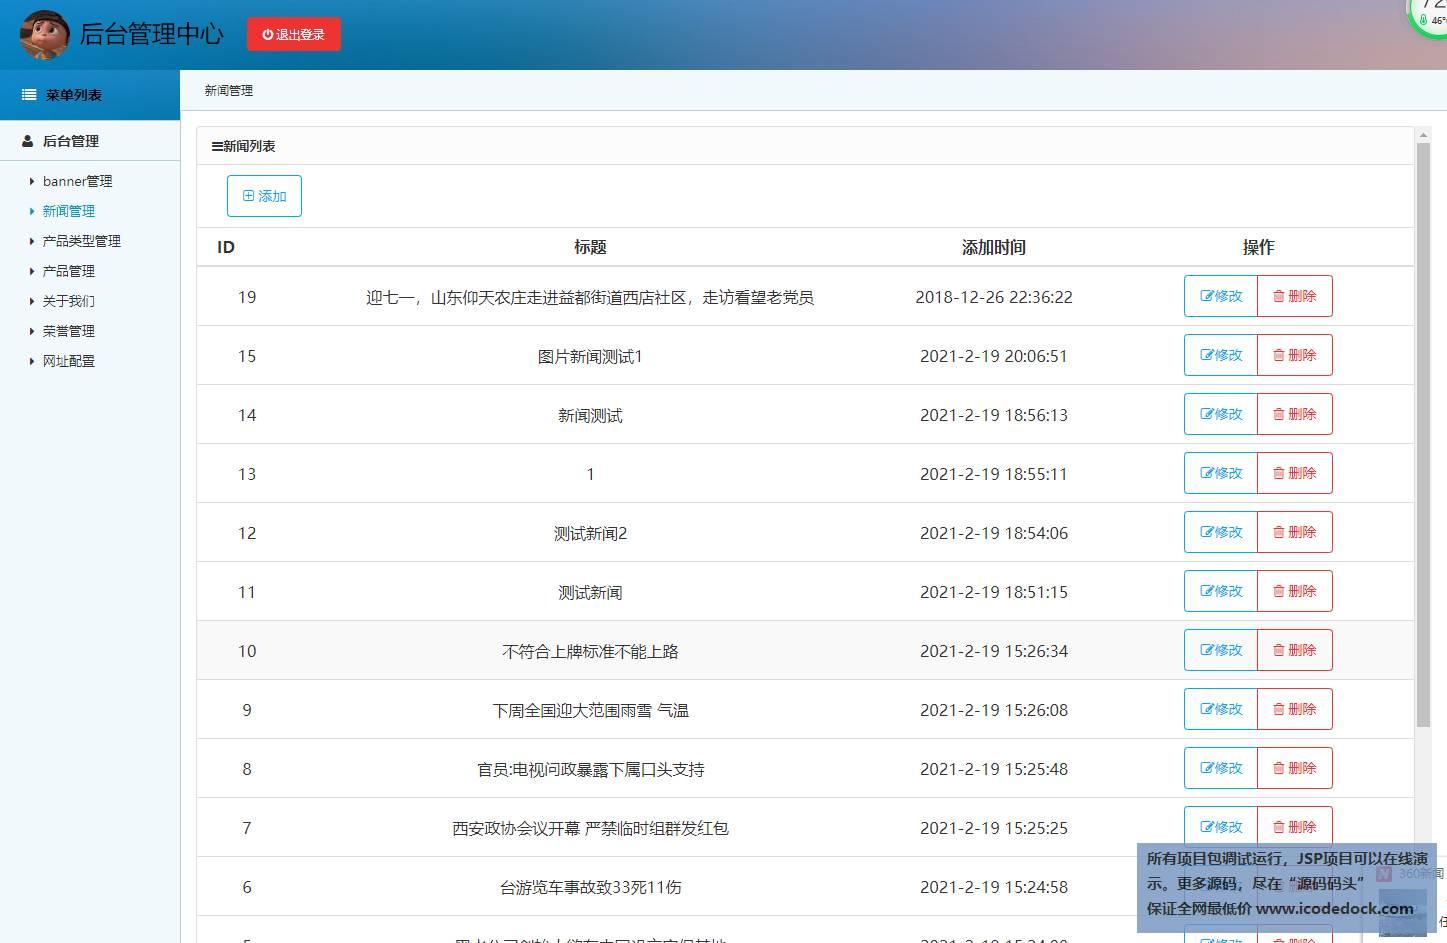 源码码头-SSH在线田园农场网站平台管理系统-管理员角色-新闻管理